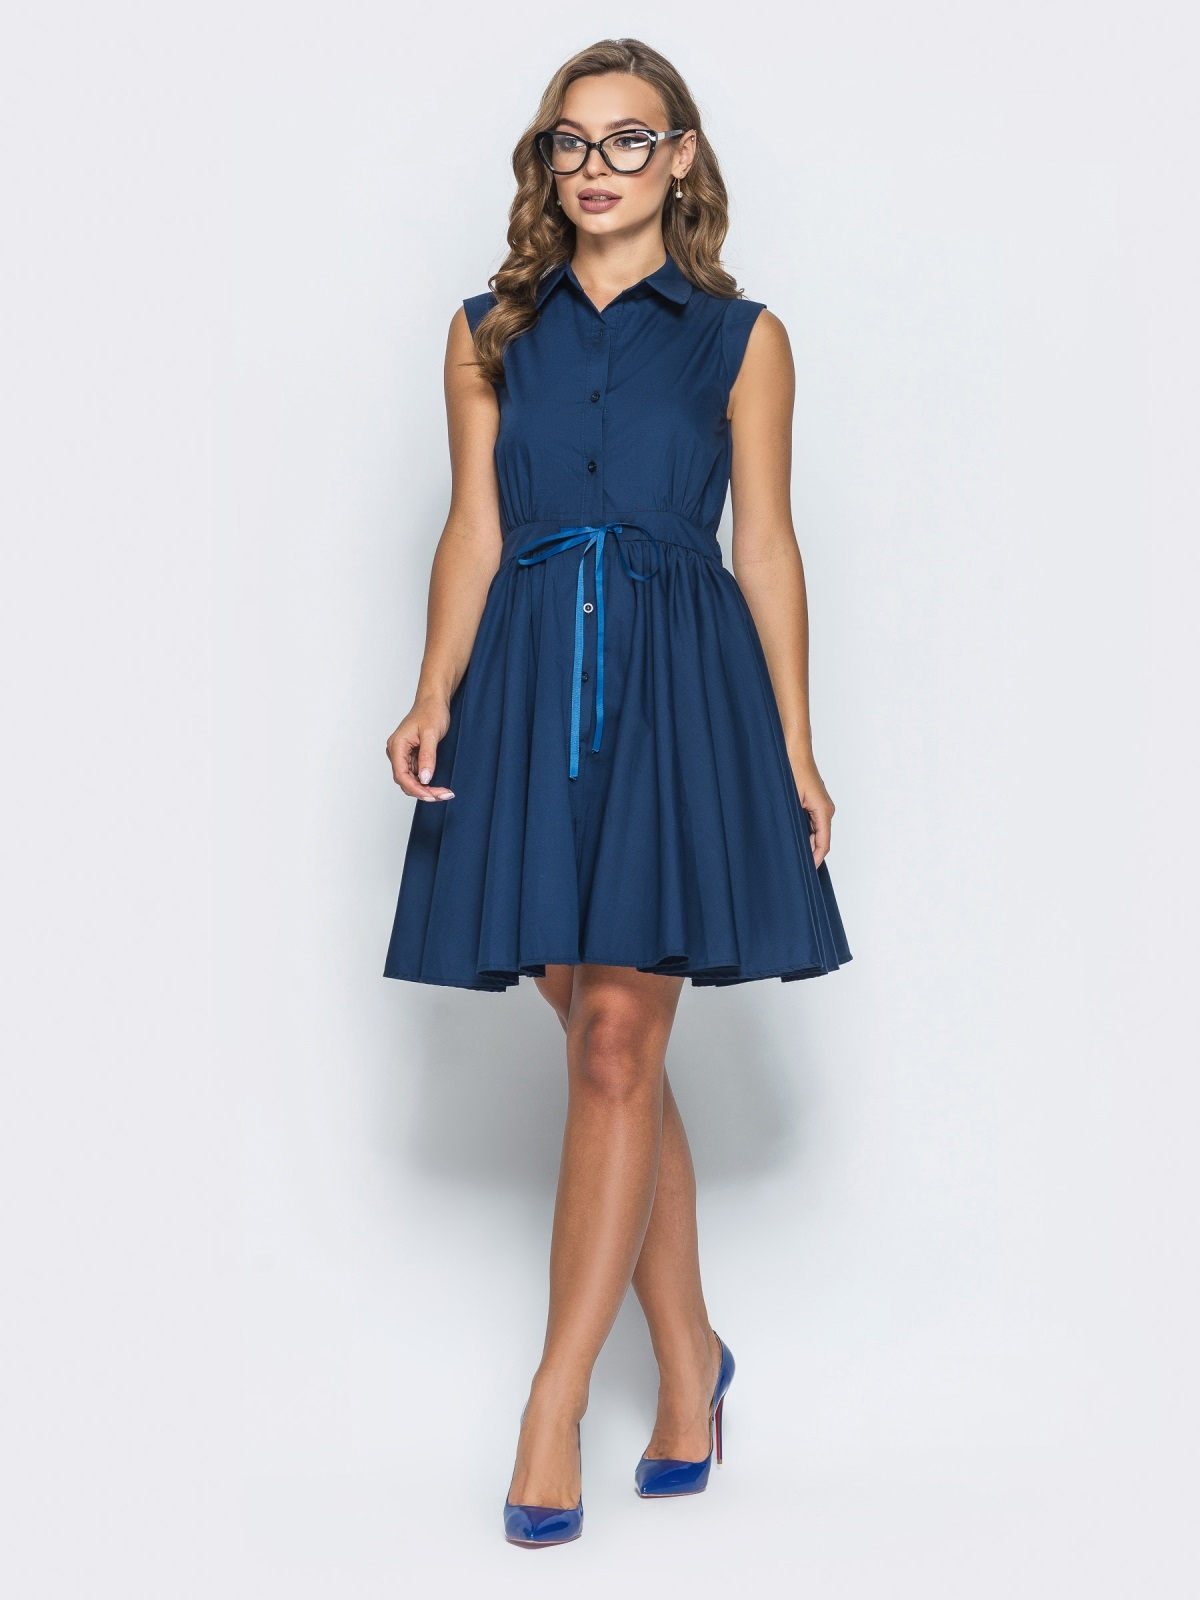 Хлопковое платье с объемной юбкой тёмно-синее - 14615, фото 1 – интернет-магазин Dressa